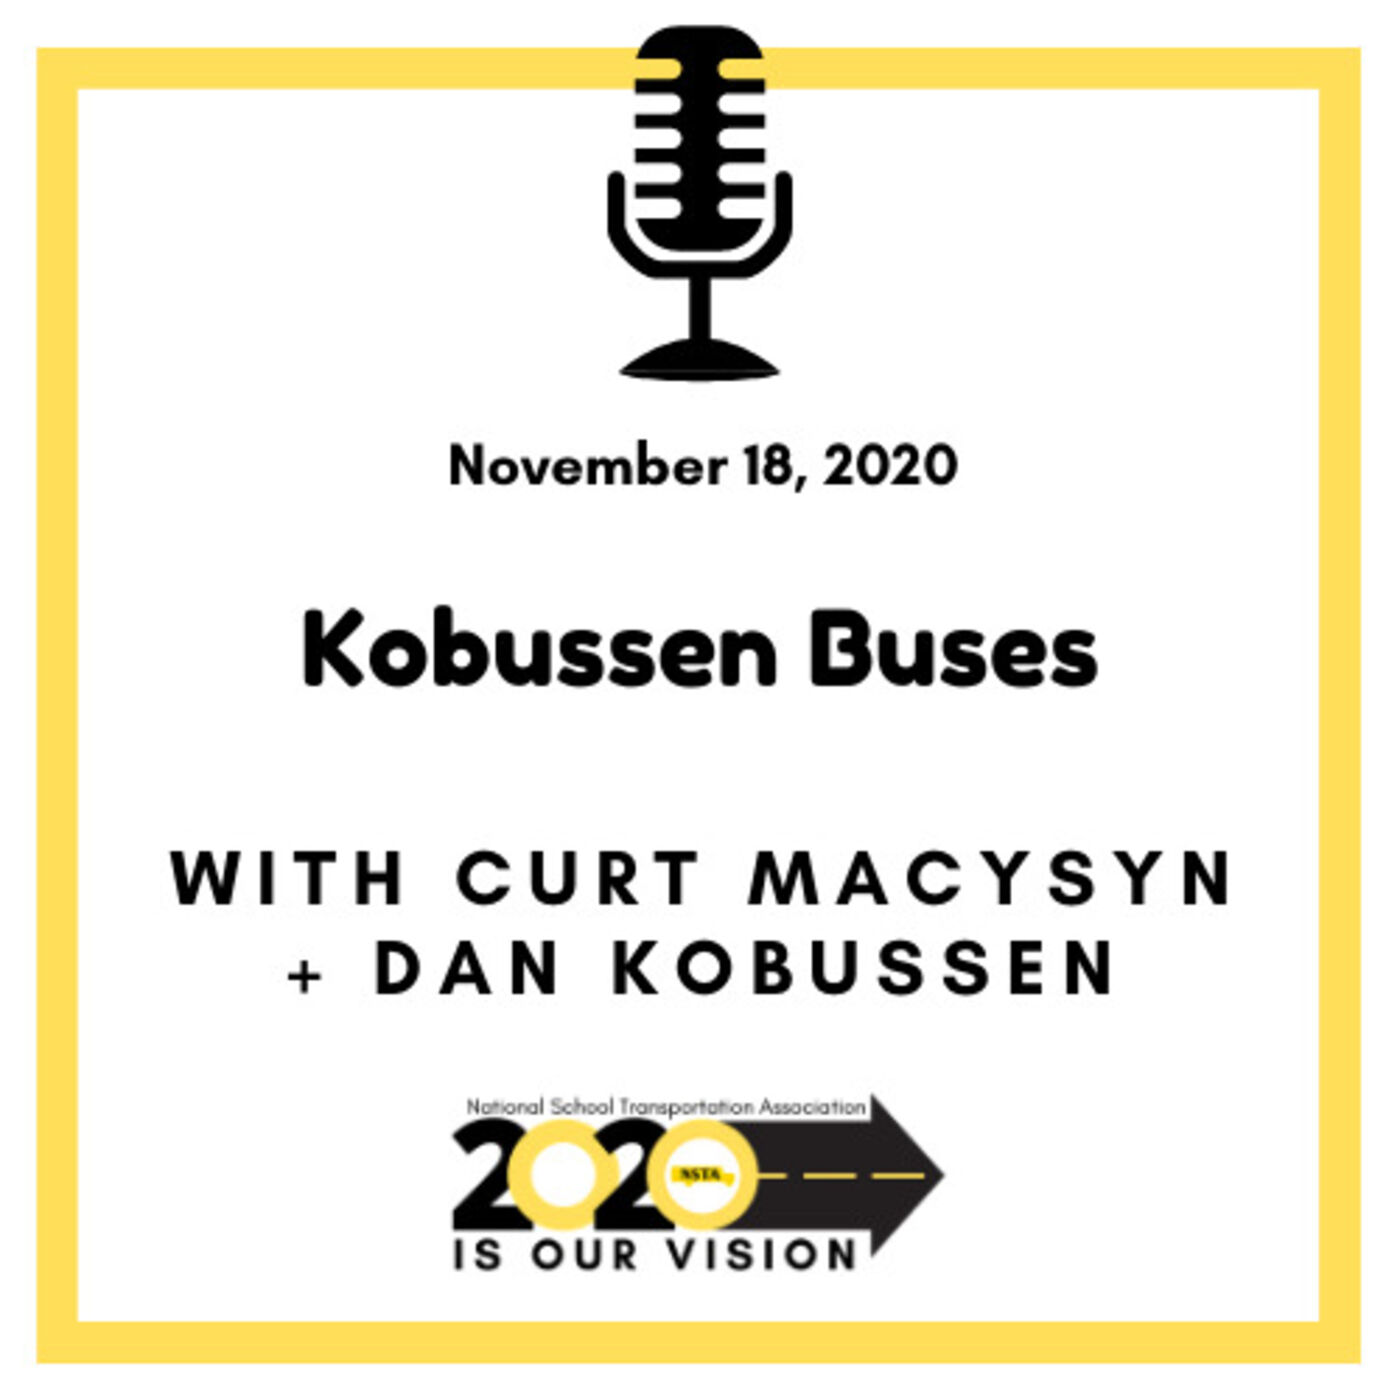 Kobussen Buses | Dan Kobussen, Vice President